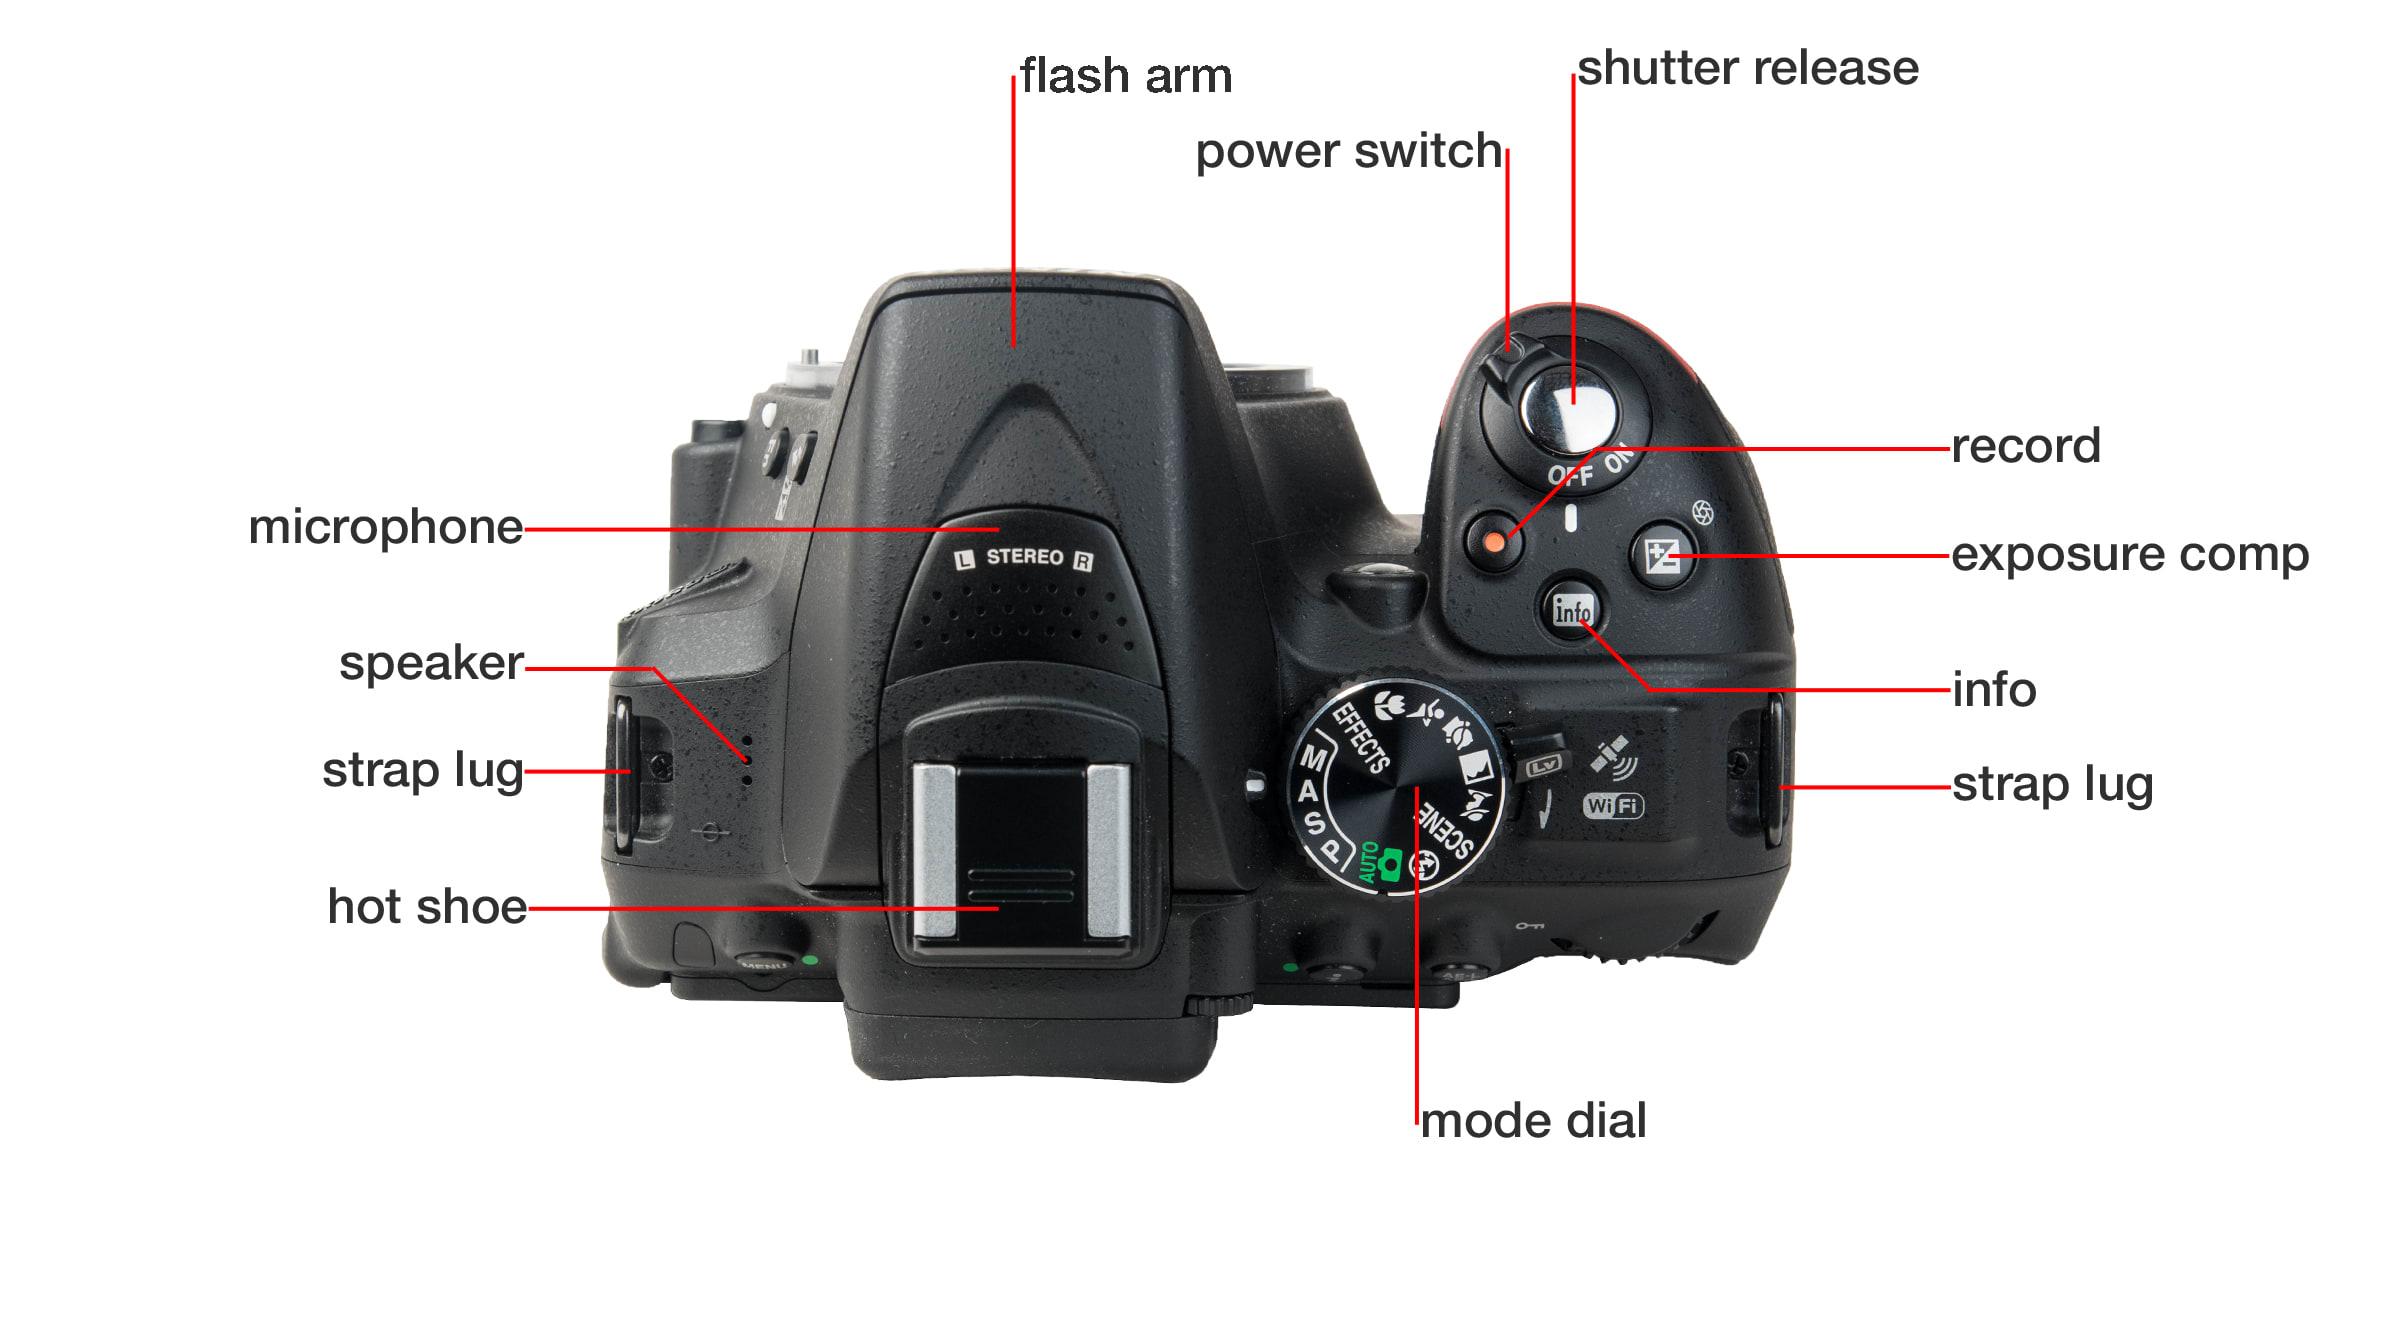 Top of Nikon D5300